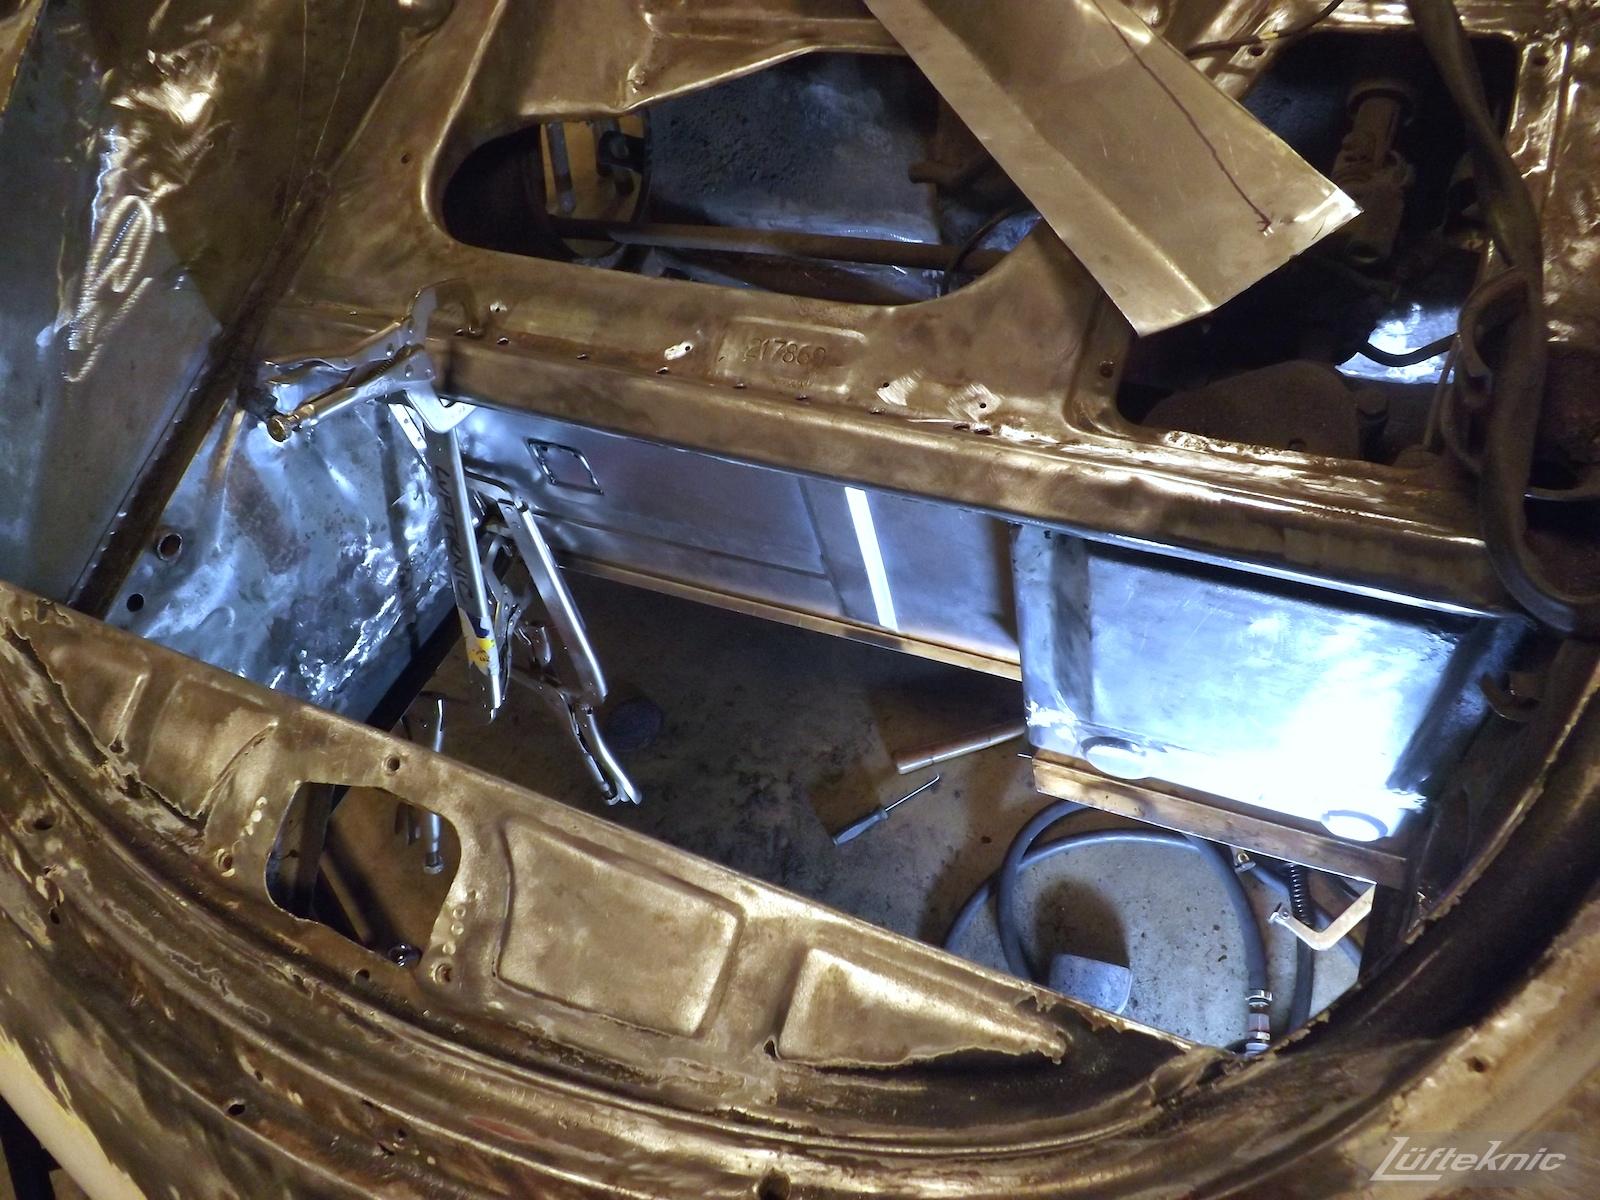 Metal work on a White 1964 Porsche 356SC being restored.